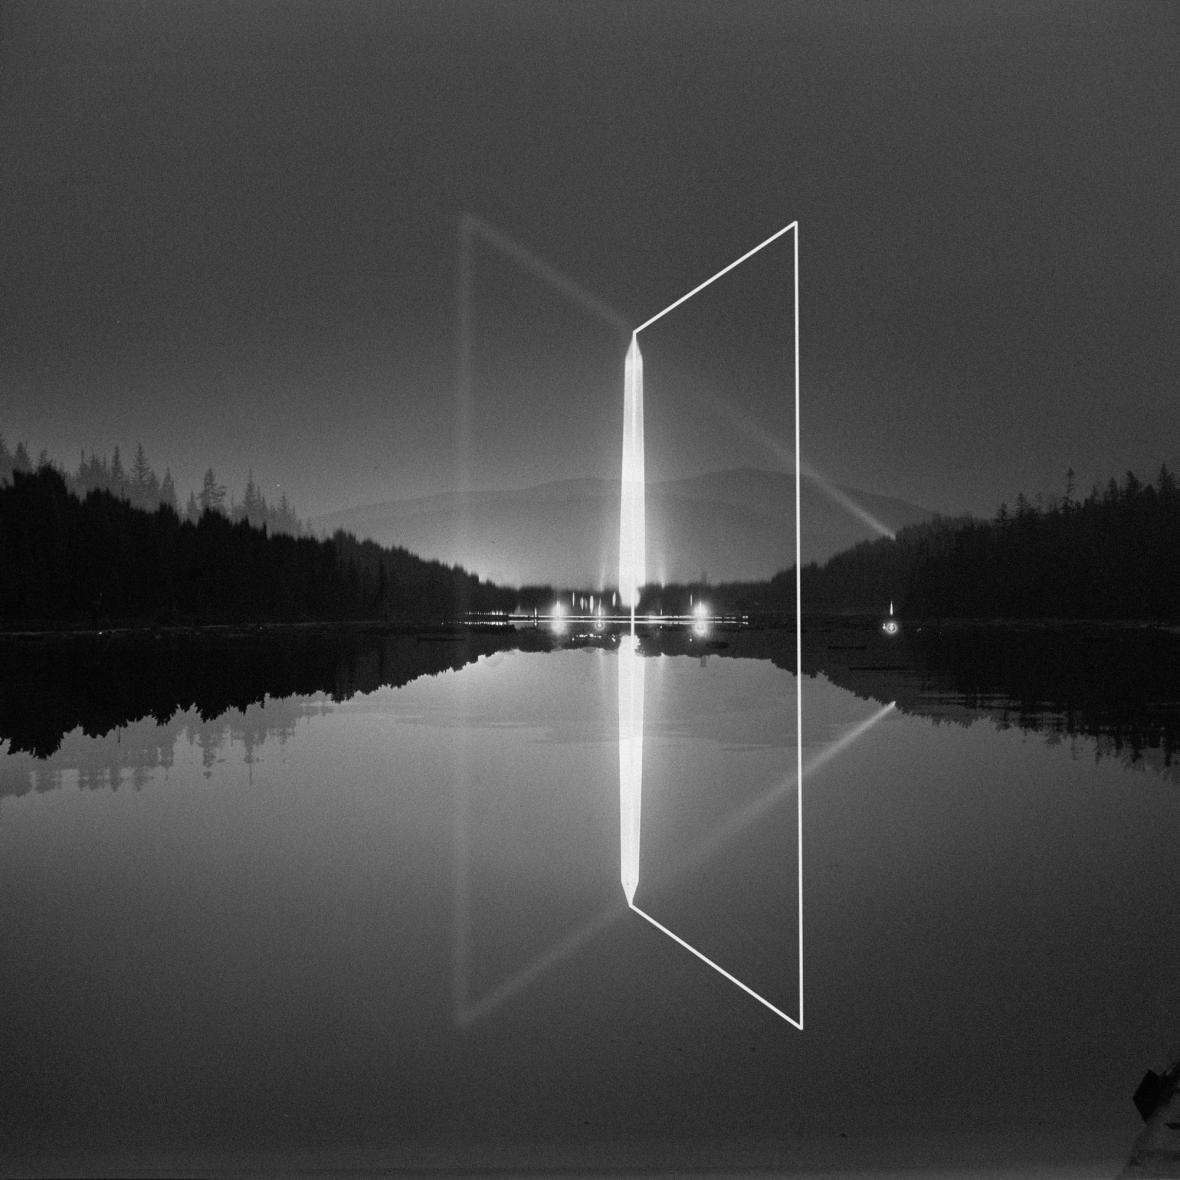 Nominace na vítěze v kategorii profesionálů fotosoutěže Sony World Photography Awards